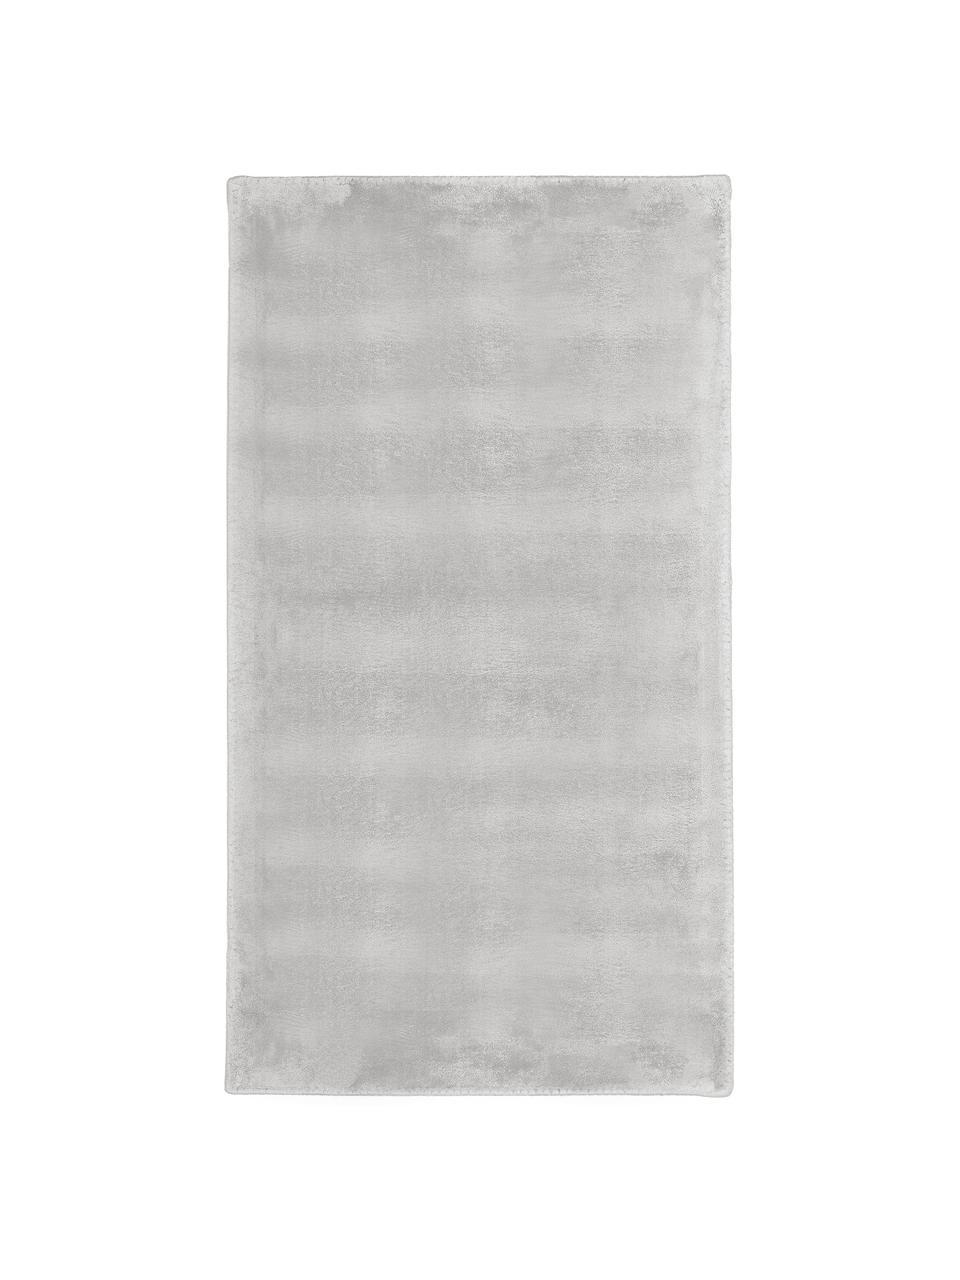 Tappeto in viscosa extra morbido Grace, Retro: 100% poliestere, Grigio, Larg. 200 x Lung. 300 cm (taglia L)